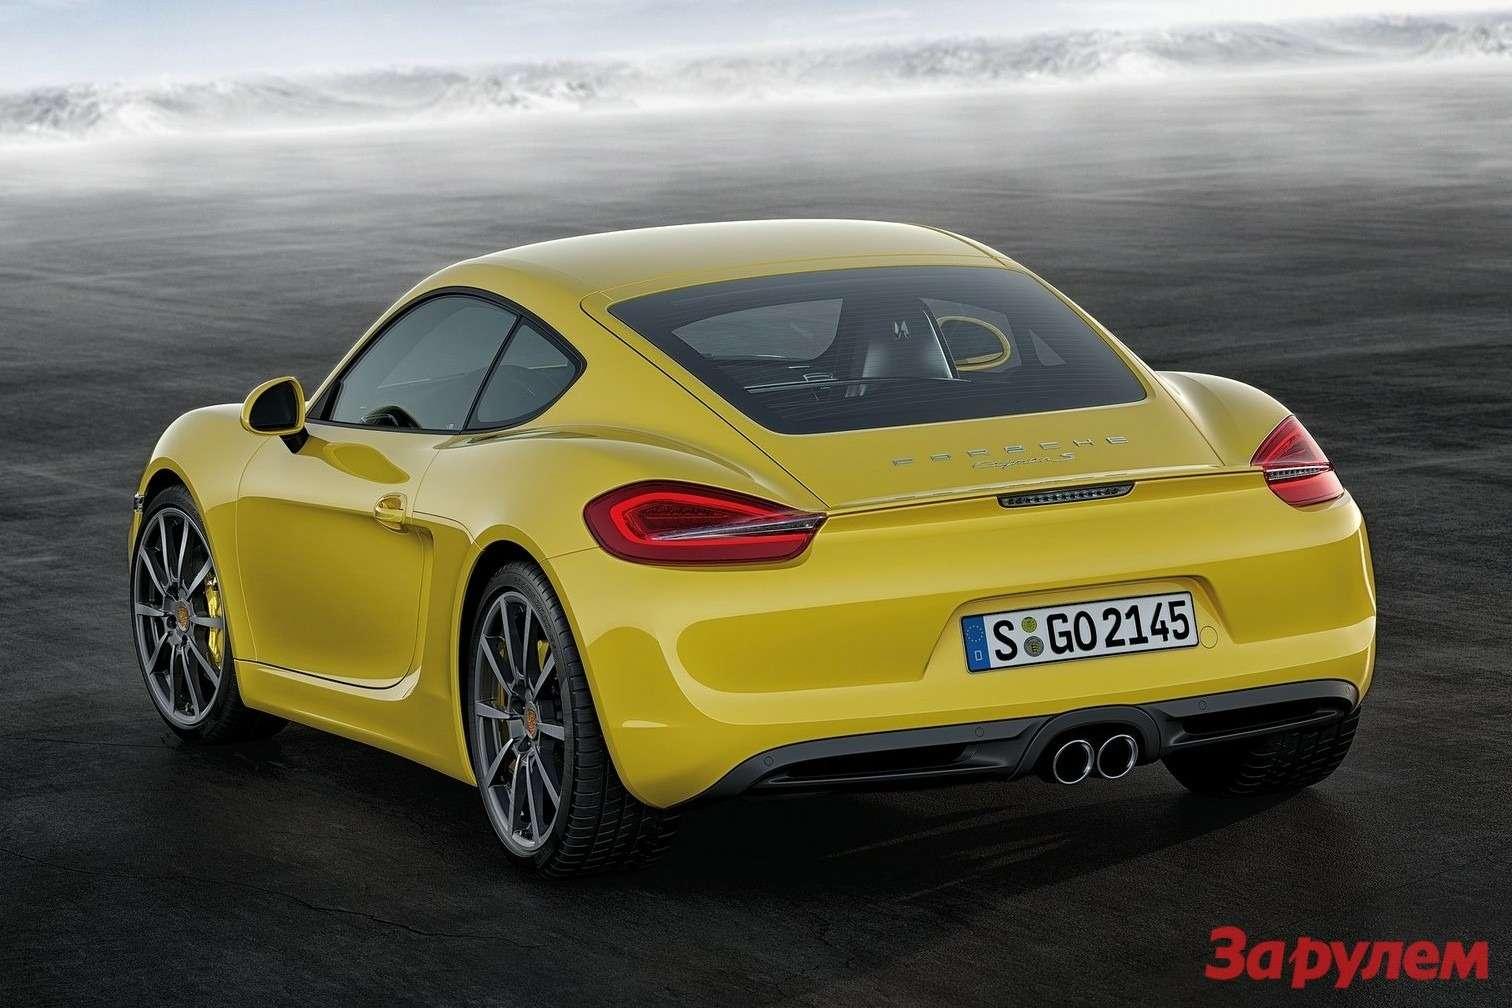 Porsche-Cayman_2014_1600x1200_wallpaper_05